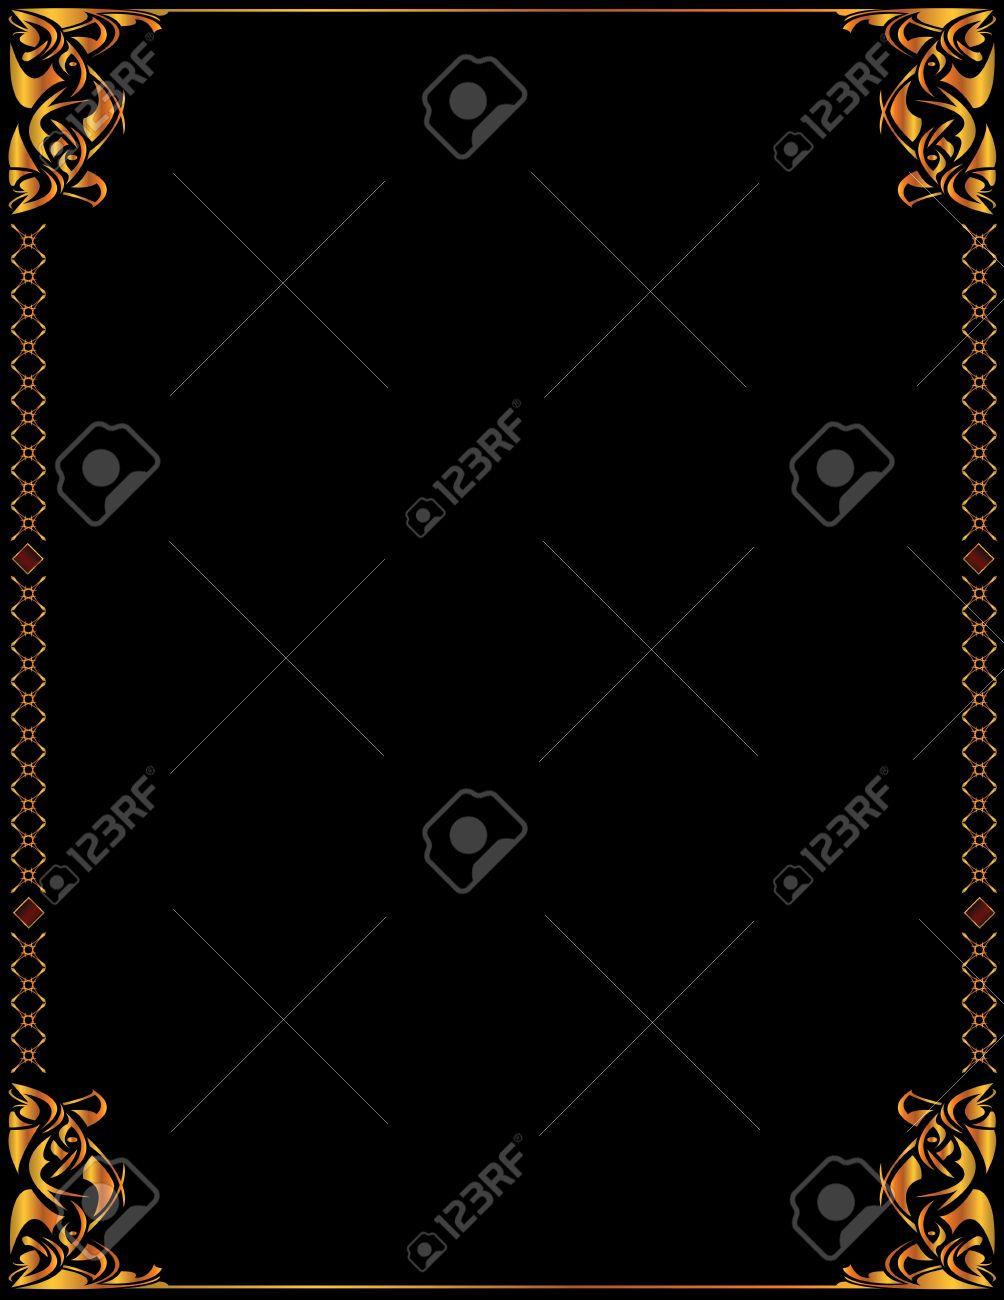 Gold elegant frame design on a black background - 3536580